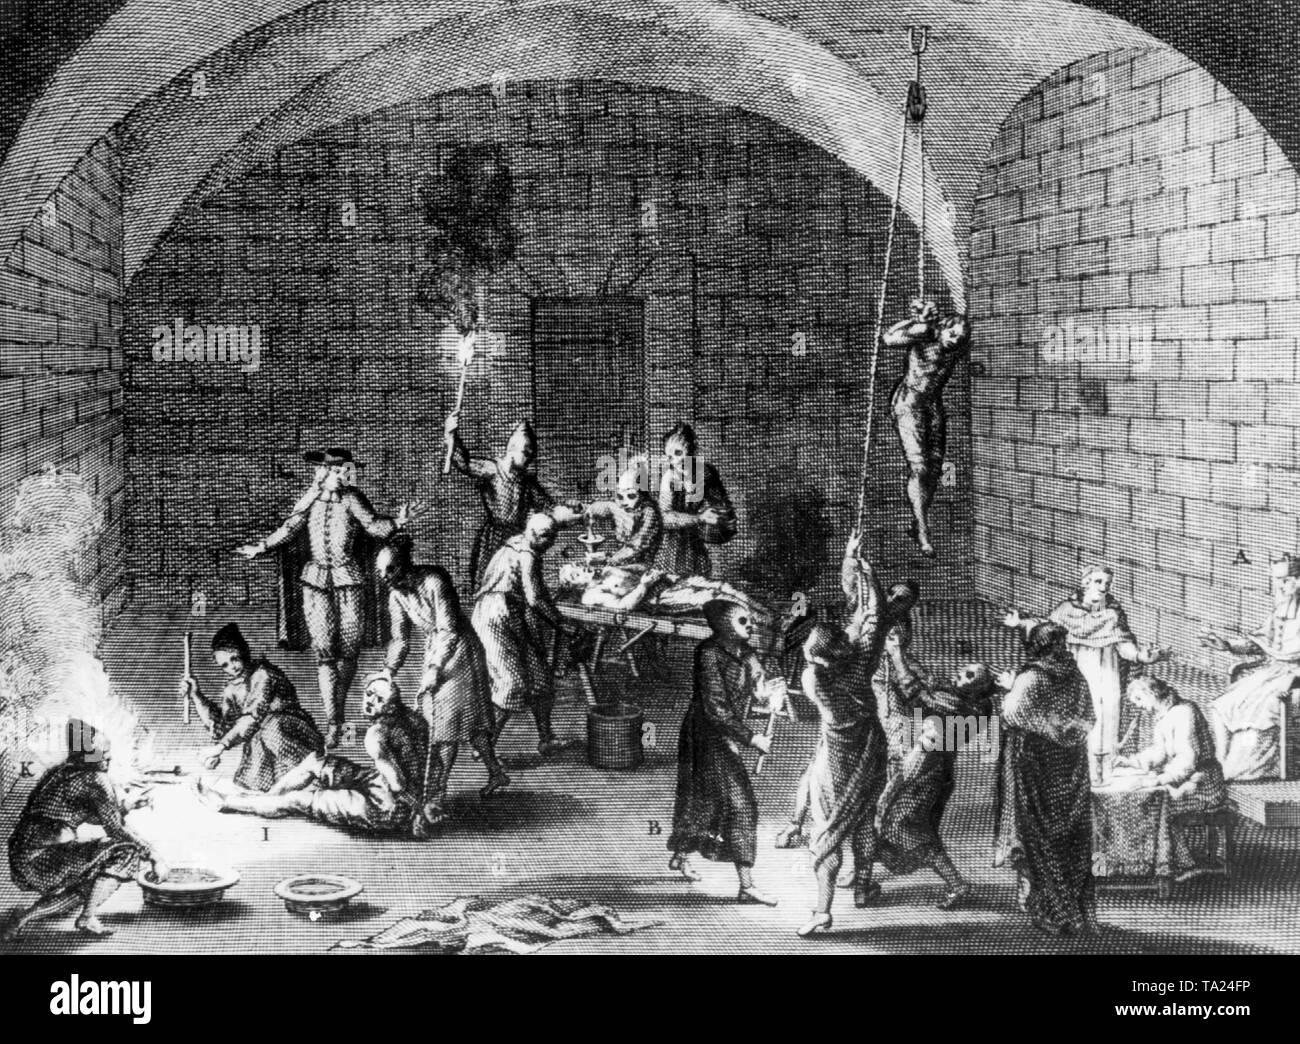 Foltermethoden Im Kz